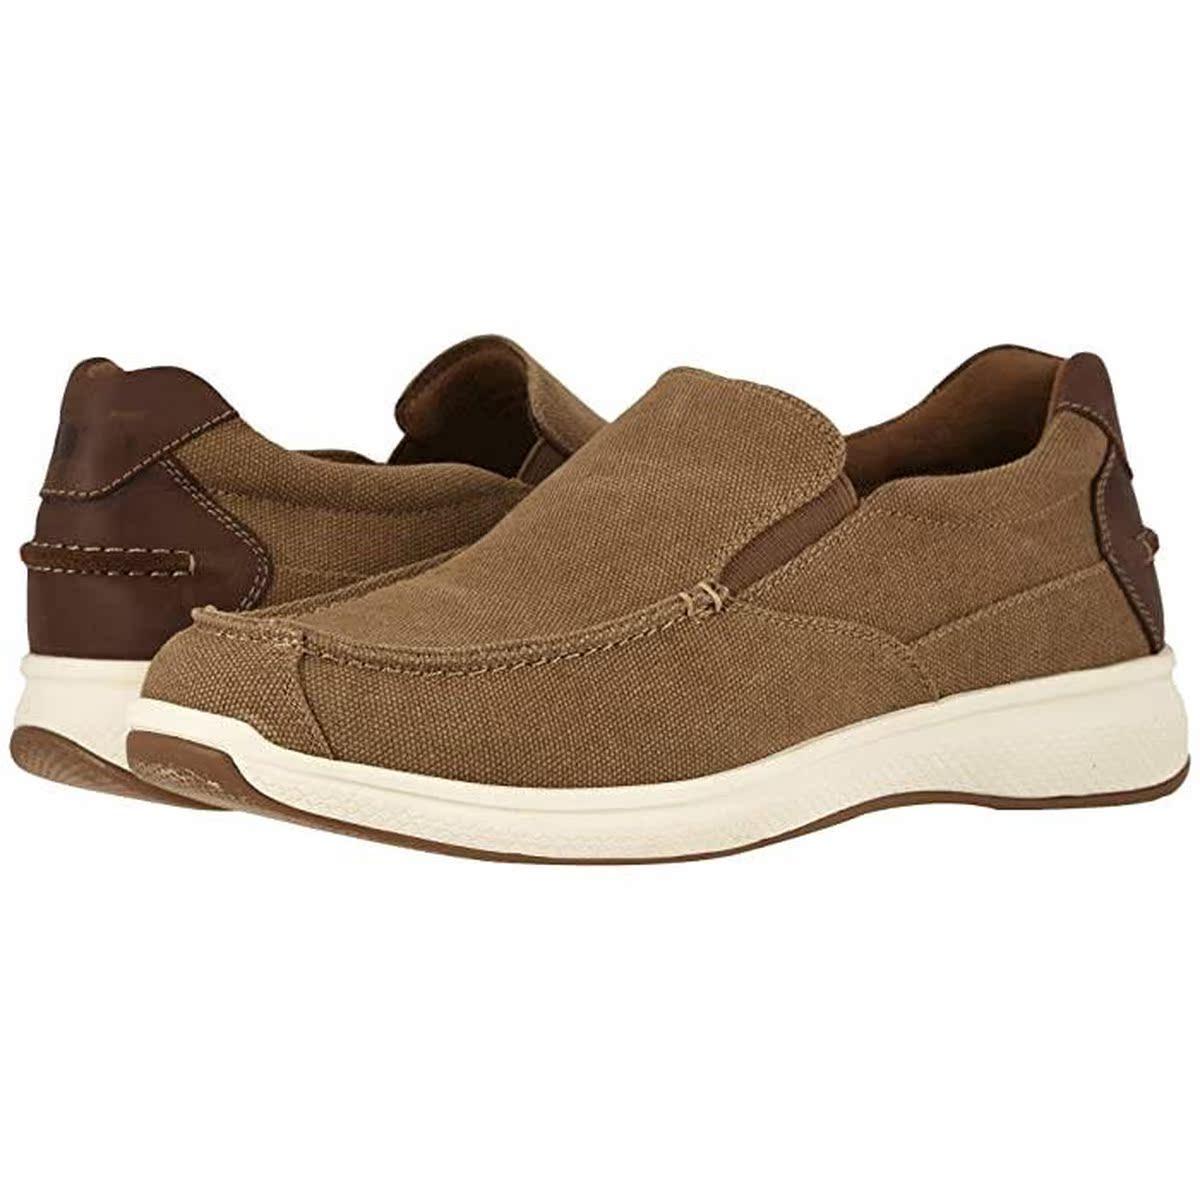 代购Florsheim Great Lakes 帆布搭线便鞋男2021新款奢侈品老爹鞋